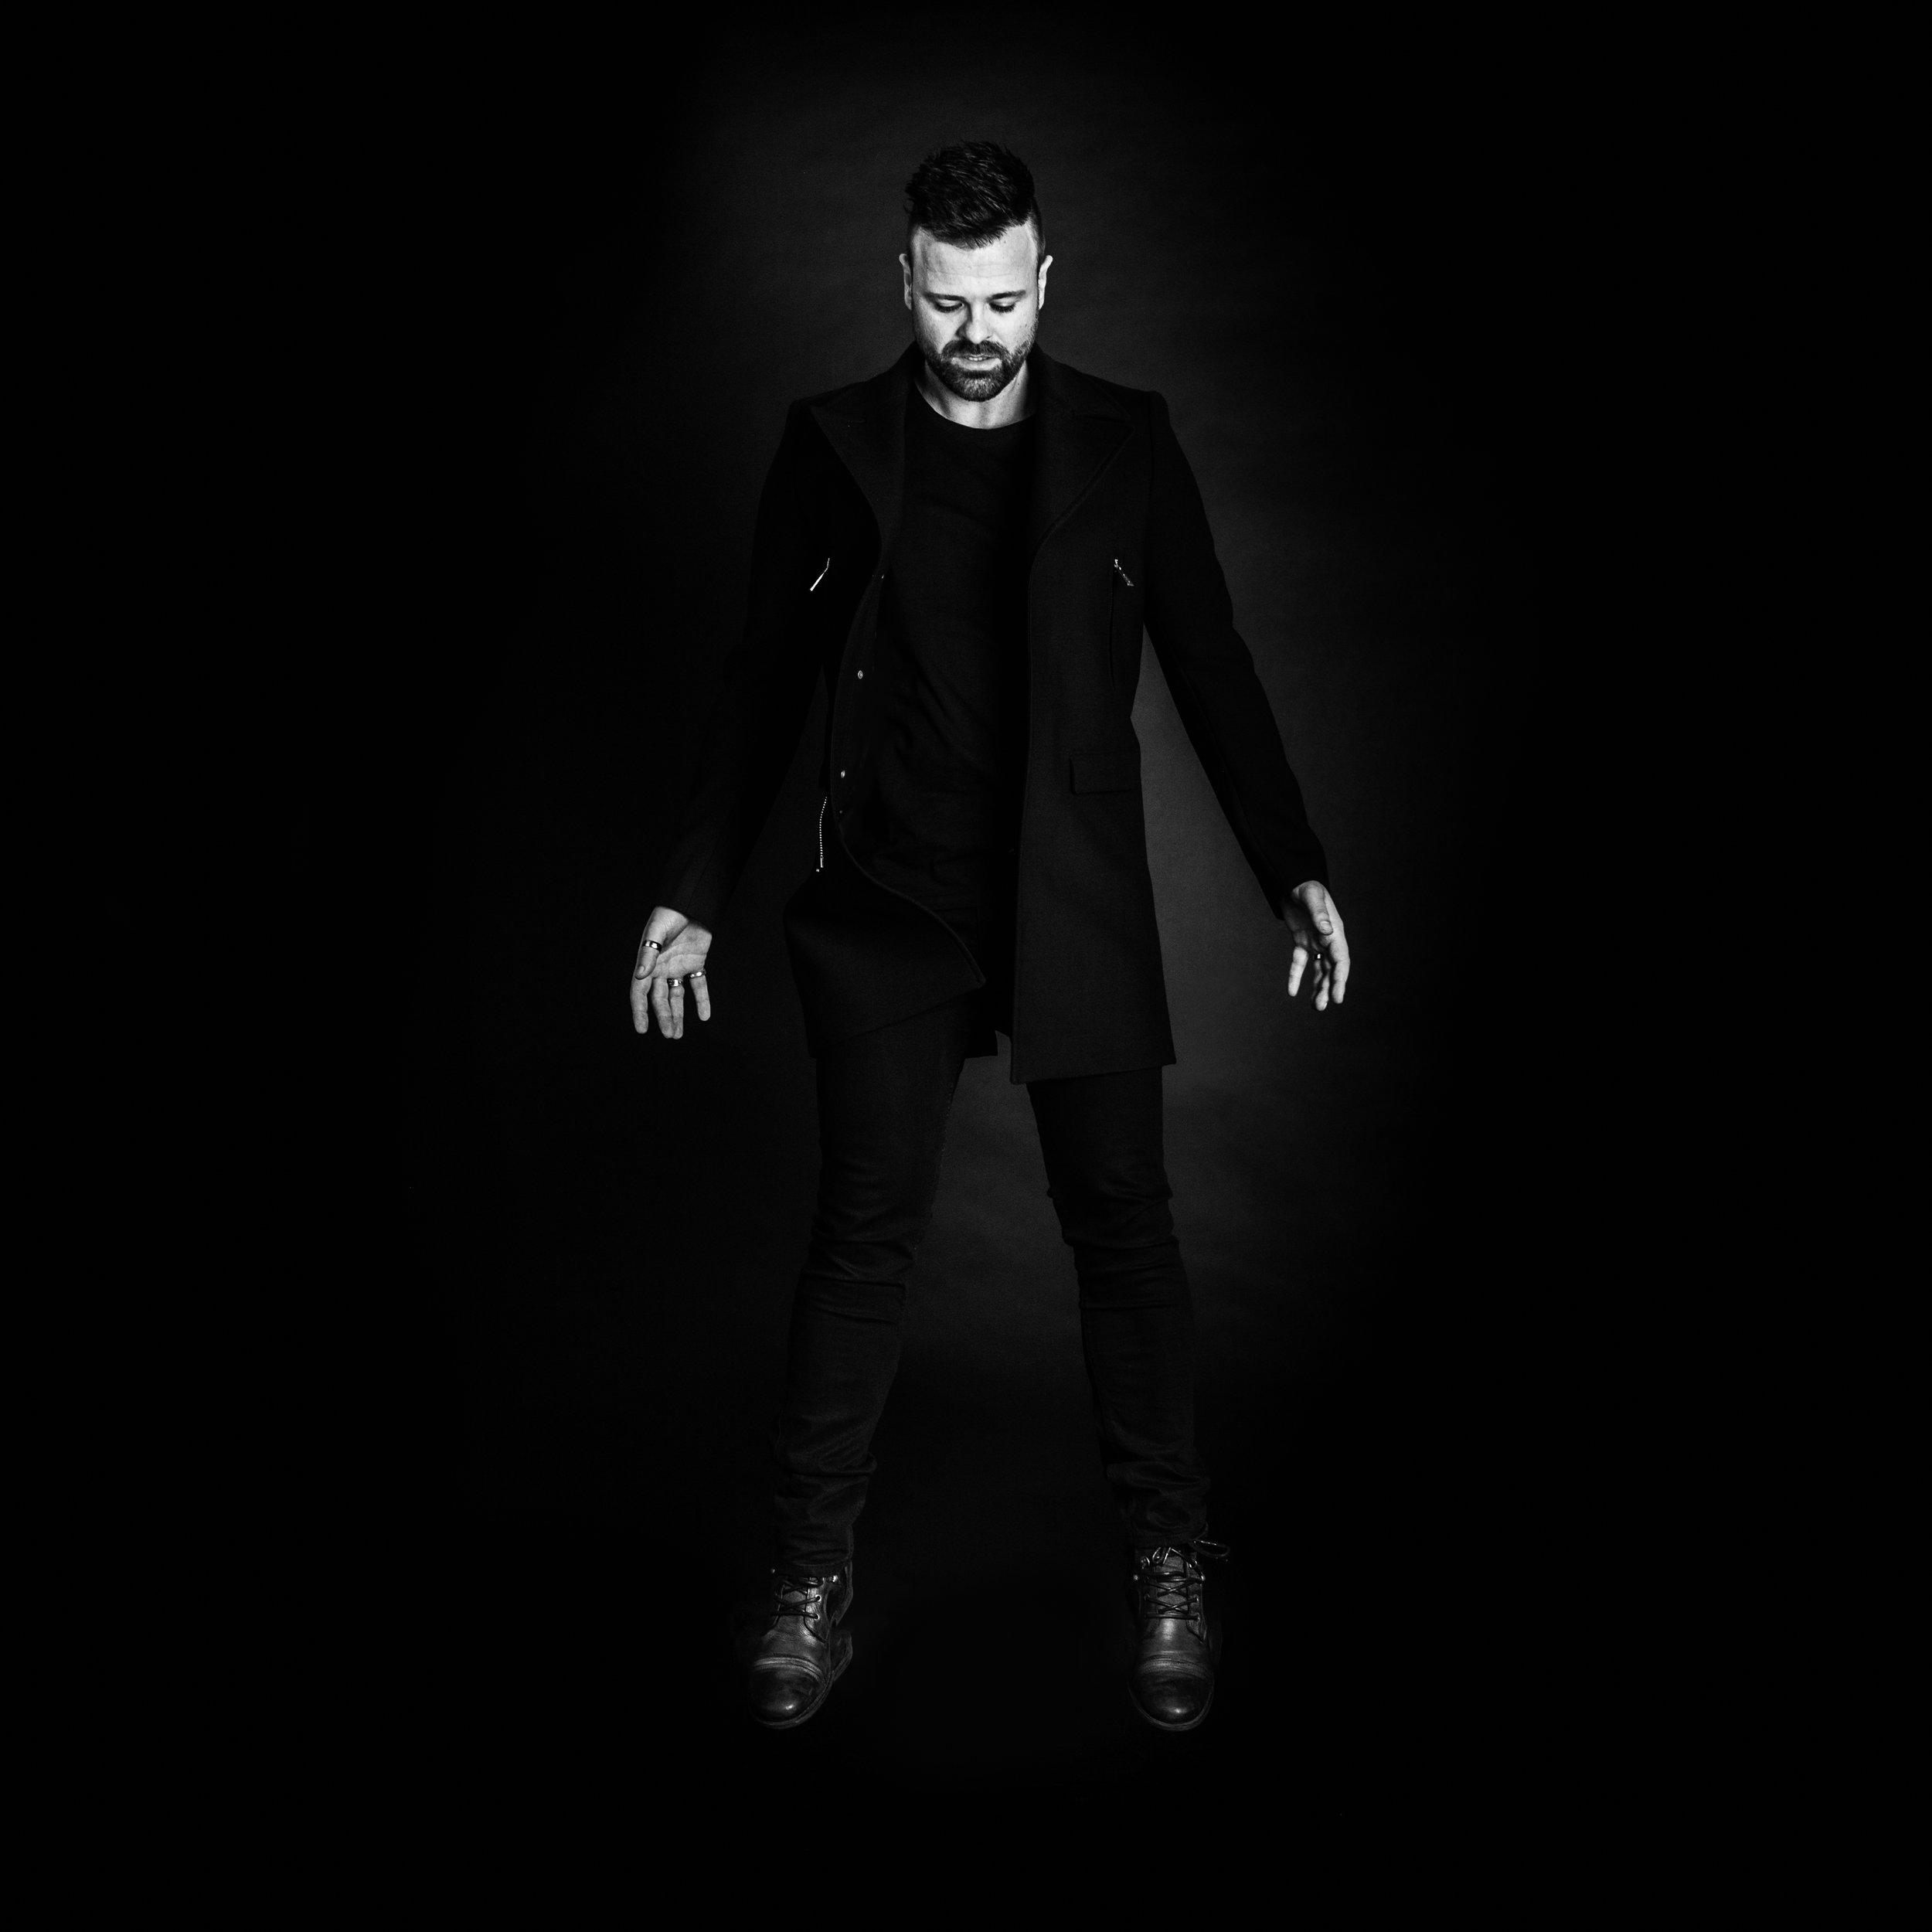 Noir Black-418-Edit-Edit.jpg